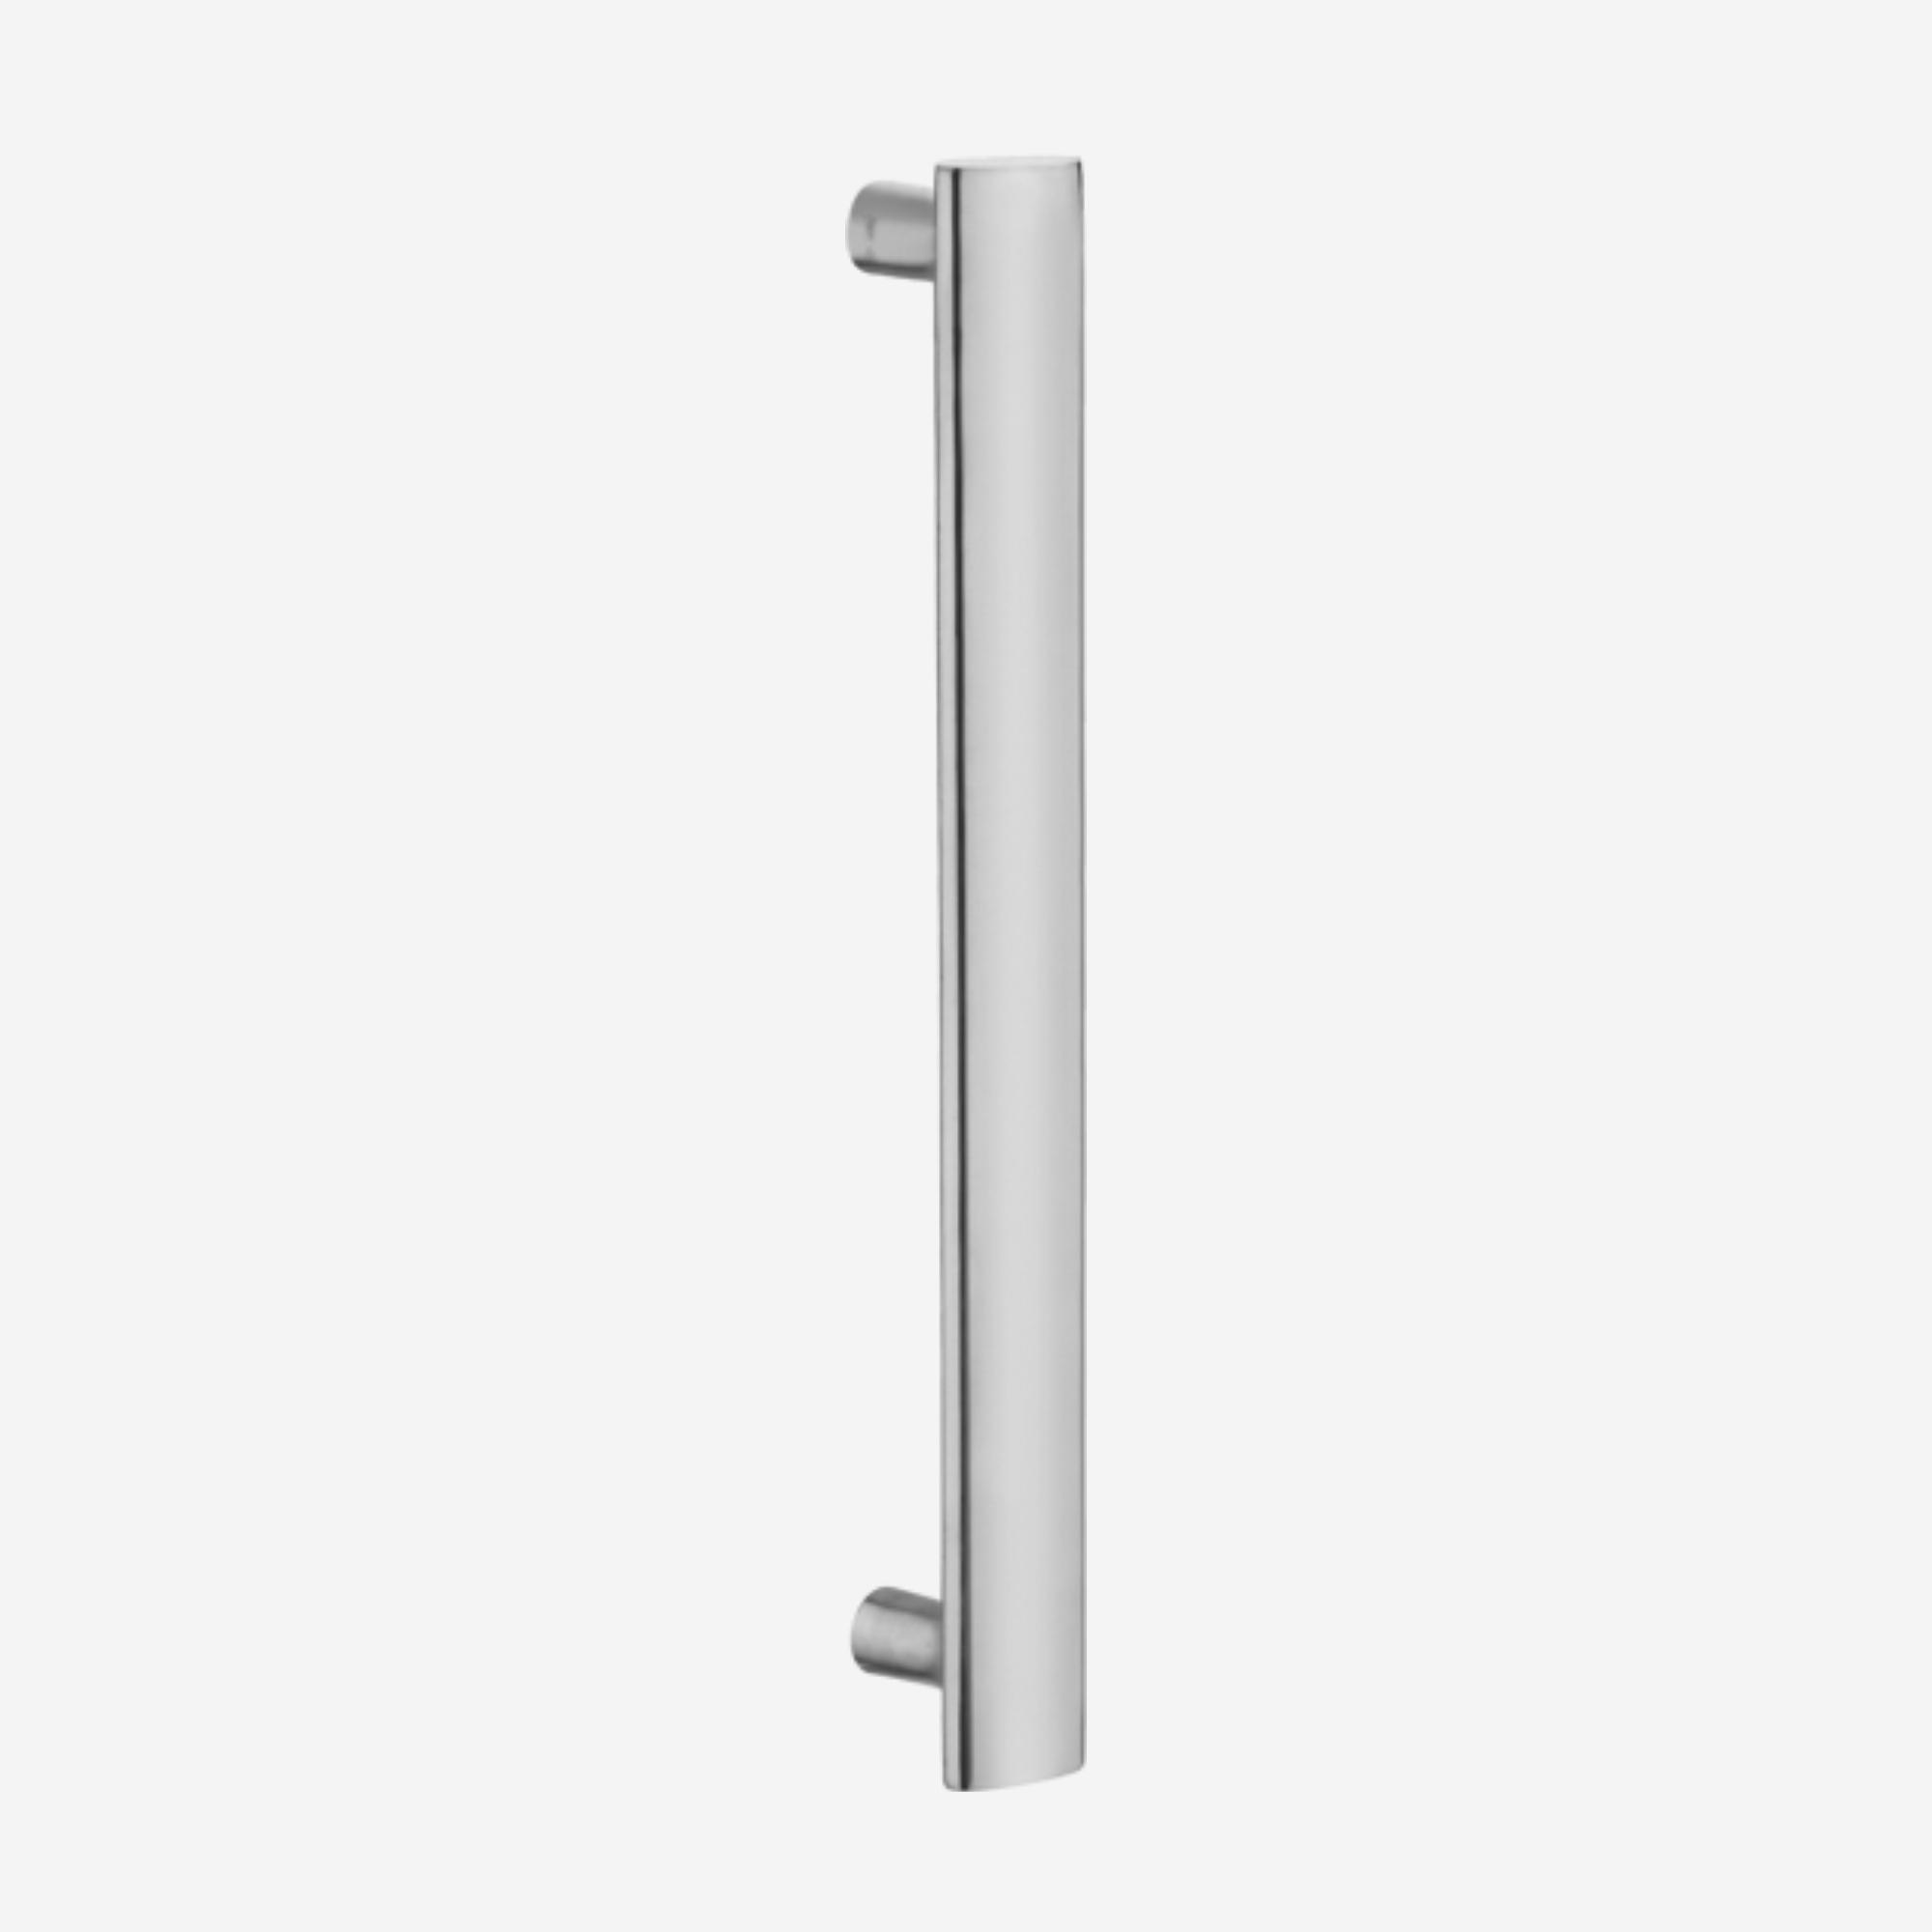 Dorset PULL HANDLE FOR DOOR 10inch - SEP 10 P SS